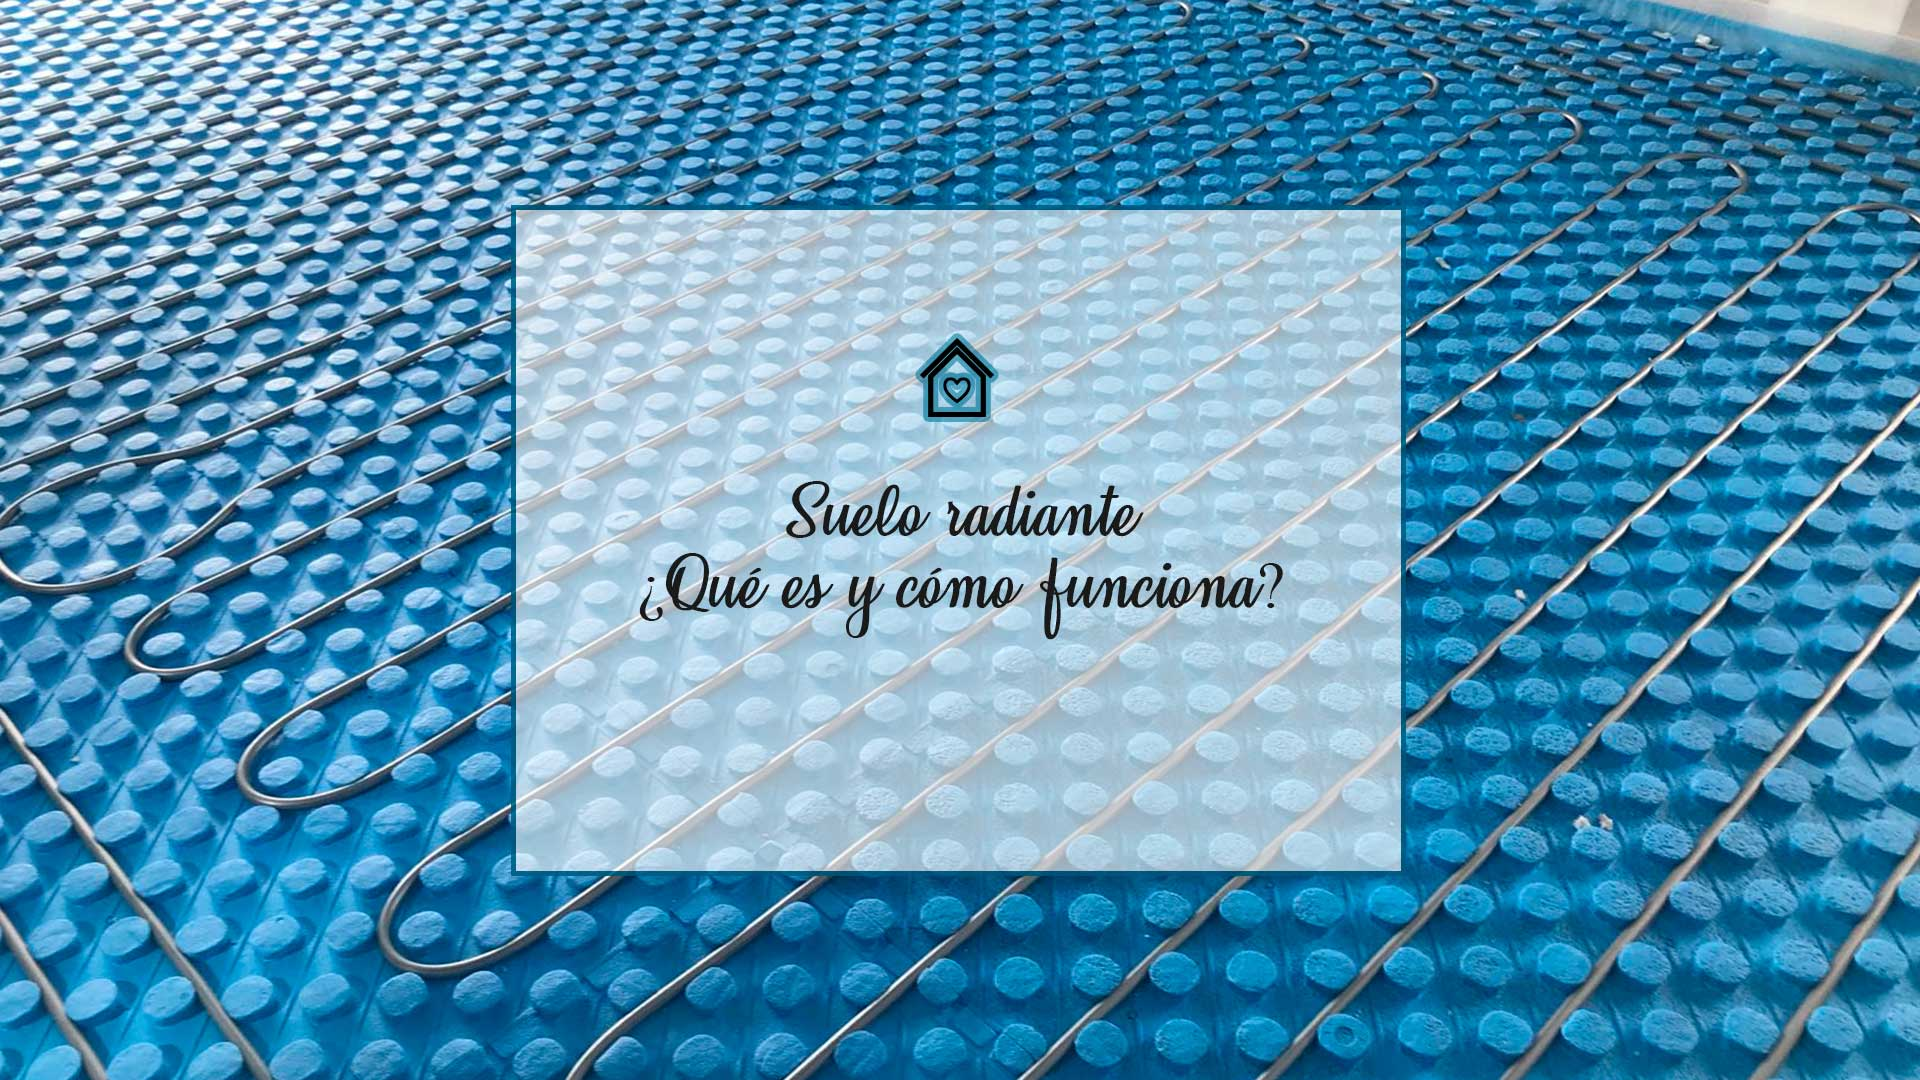 Portadas-para-blog_suelo-radiante